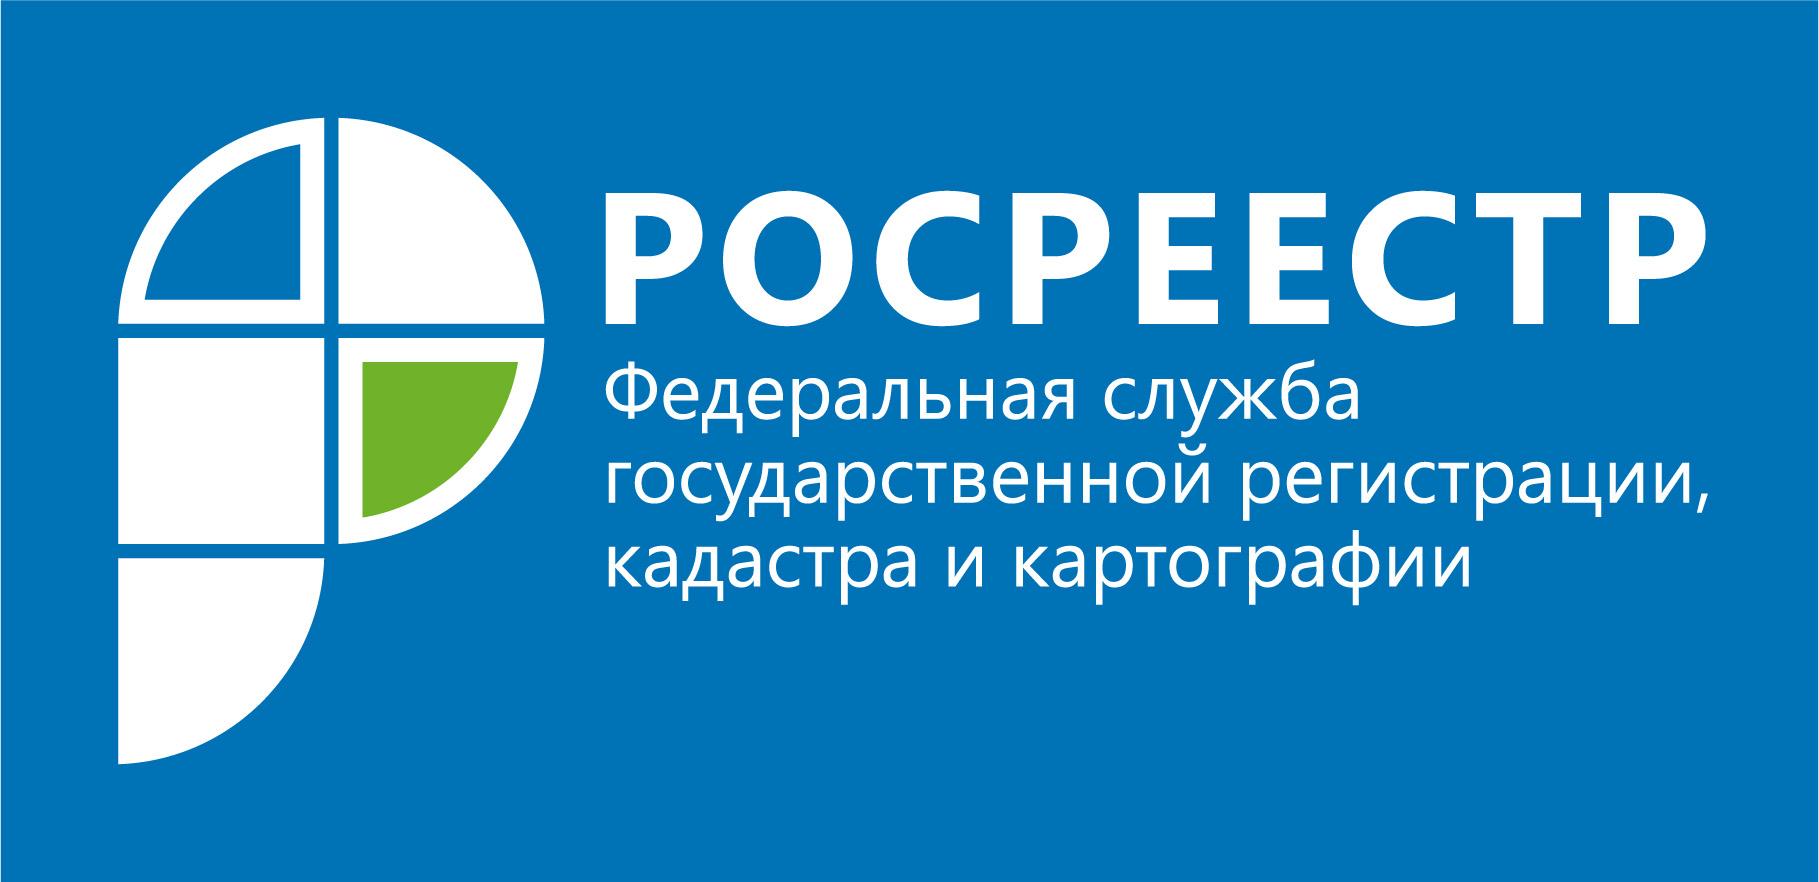 Управление Росреестра по Иркутской области рассмотрело более 2,3 тысяч обращений за полгода